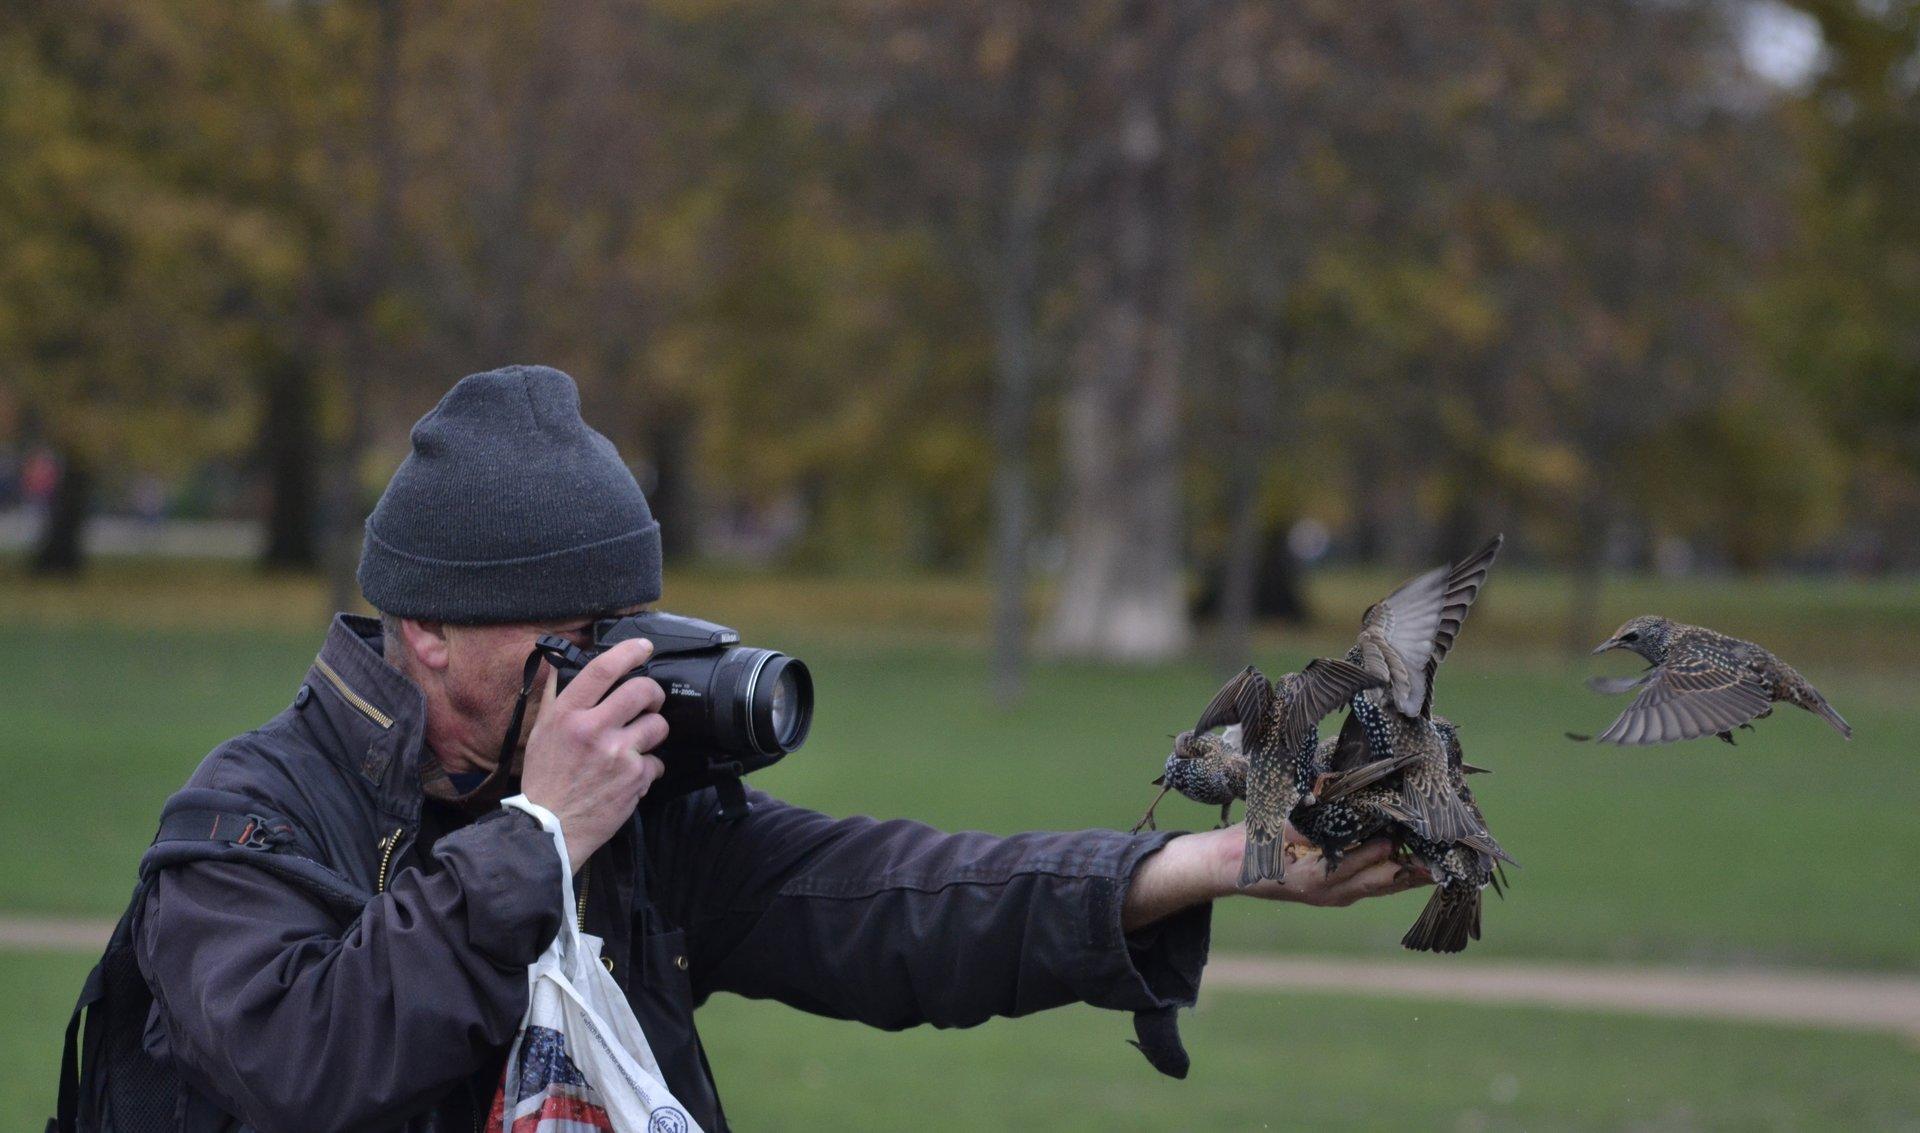 Да нахраним птичките. | Author Gettz | PHOTO FORUM